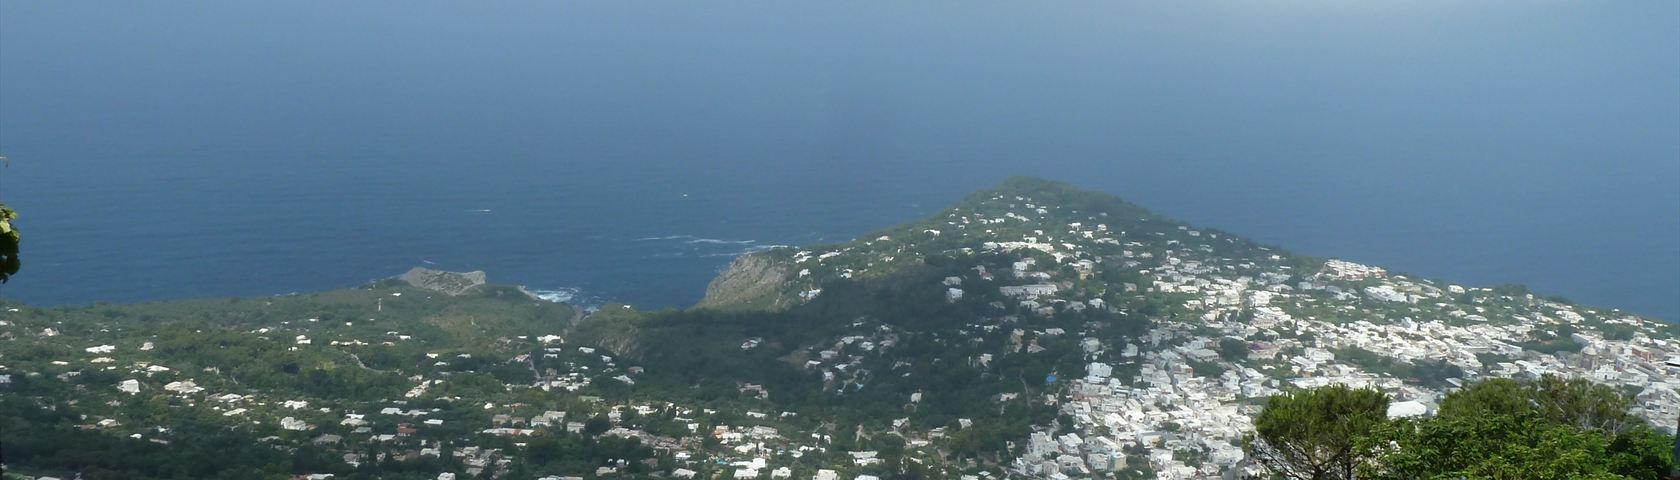 The Crest of Capri